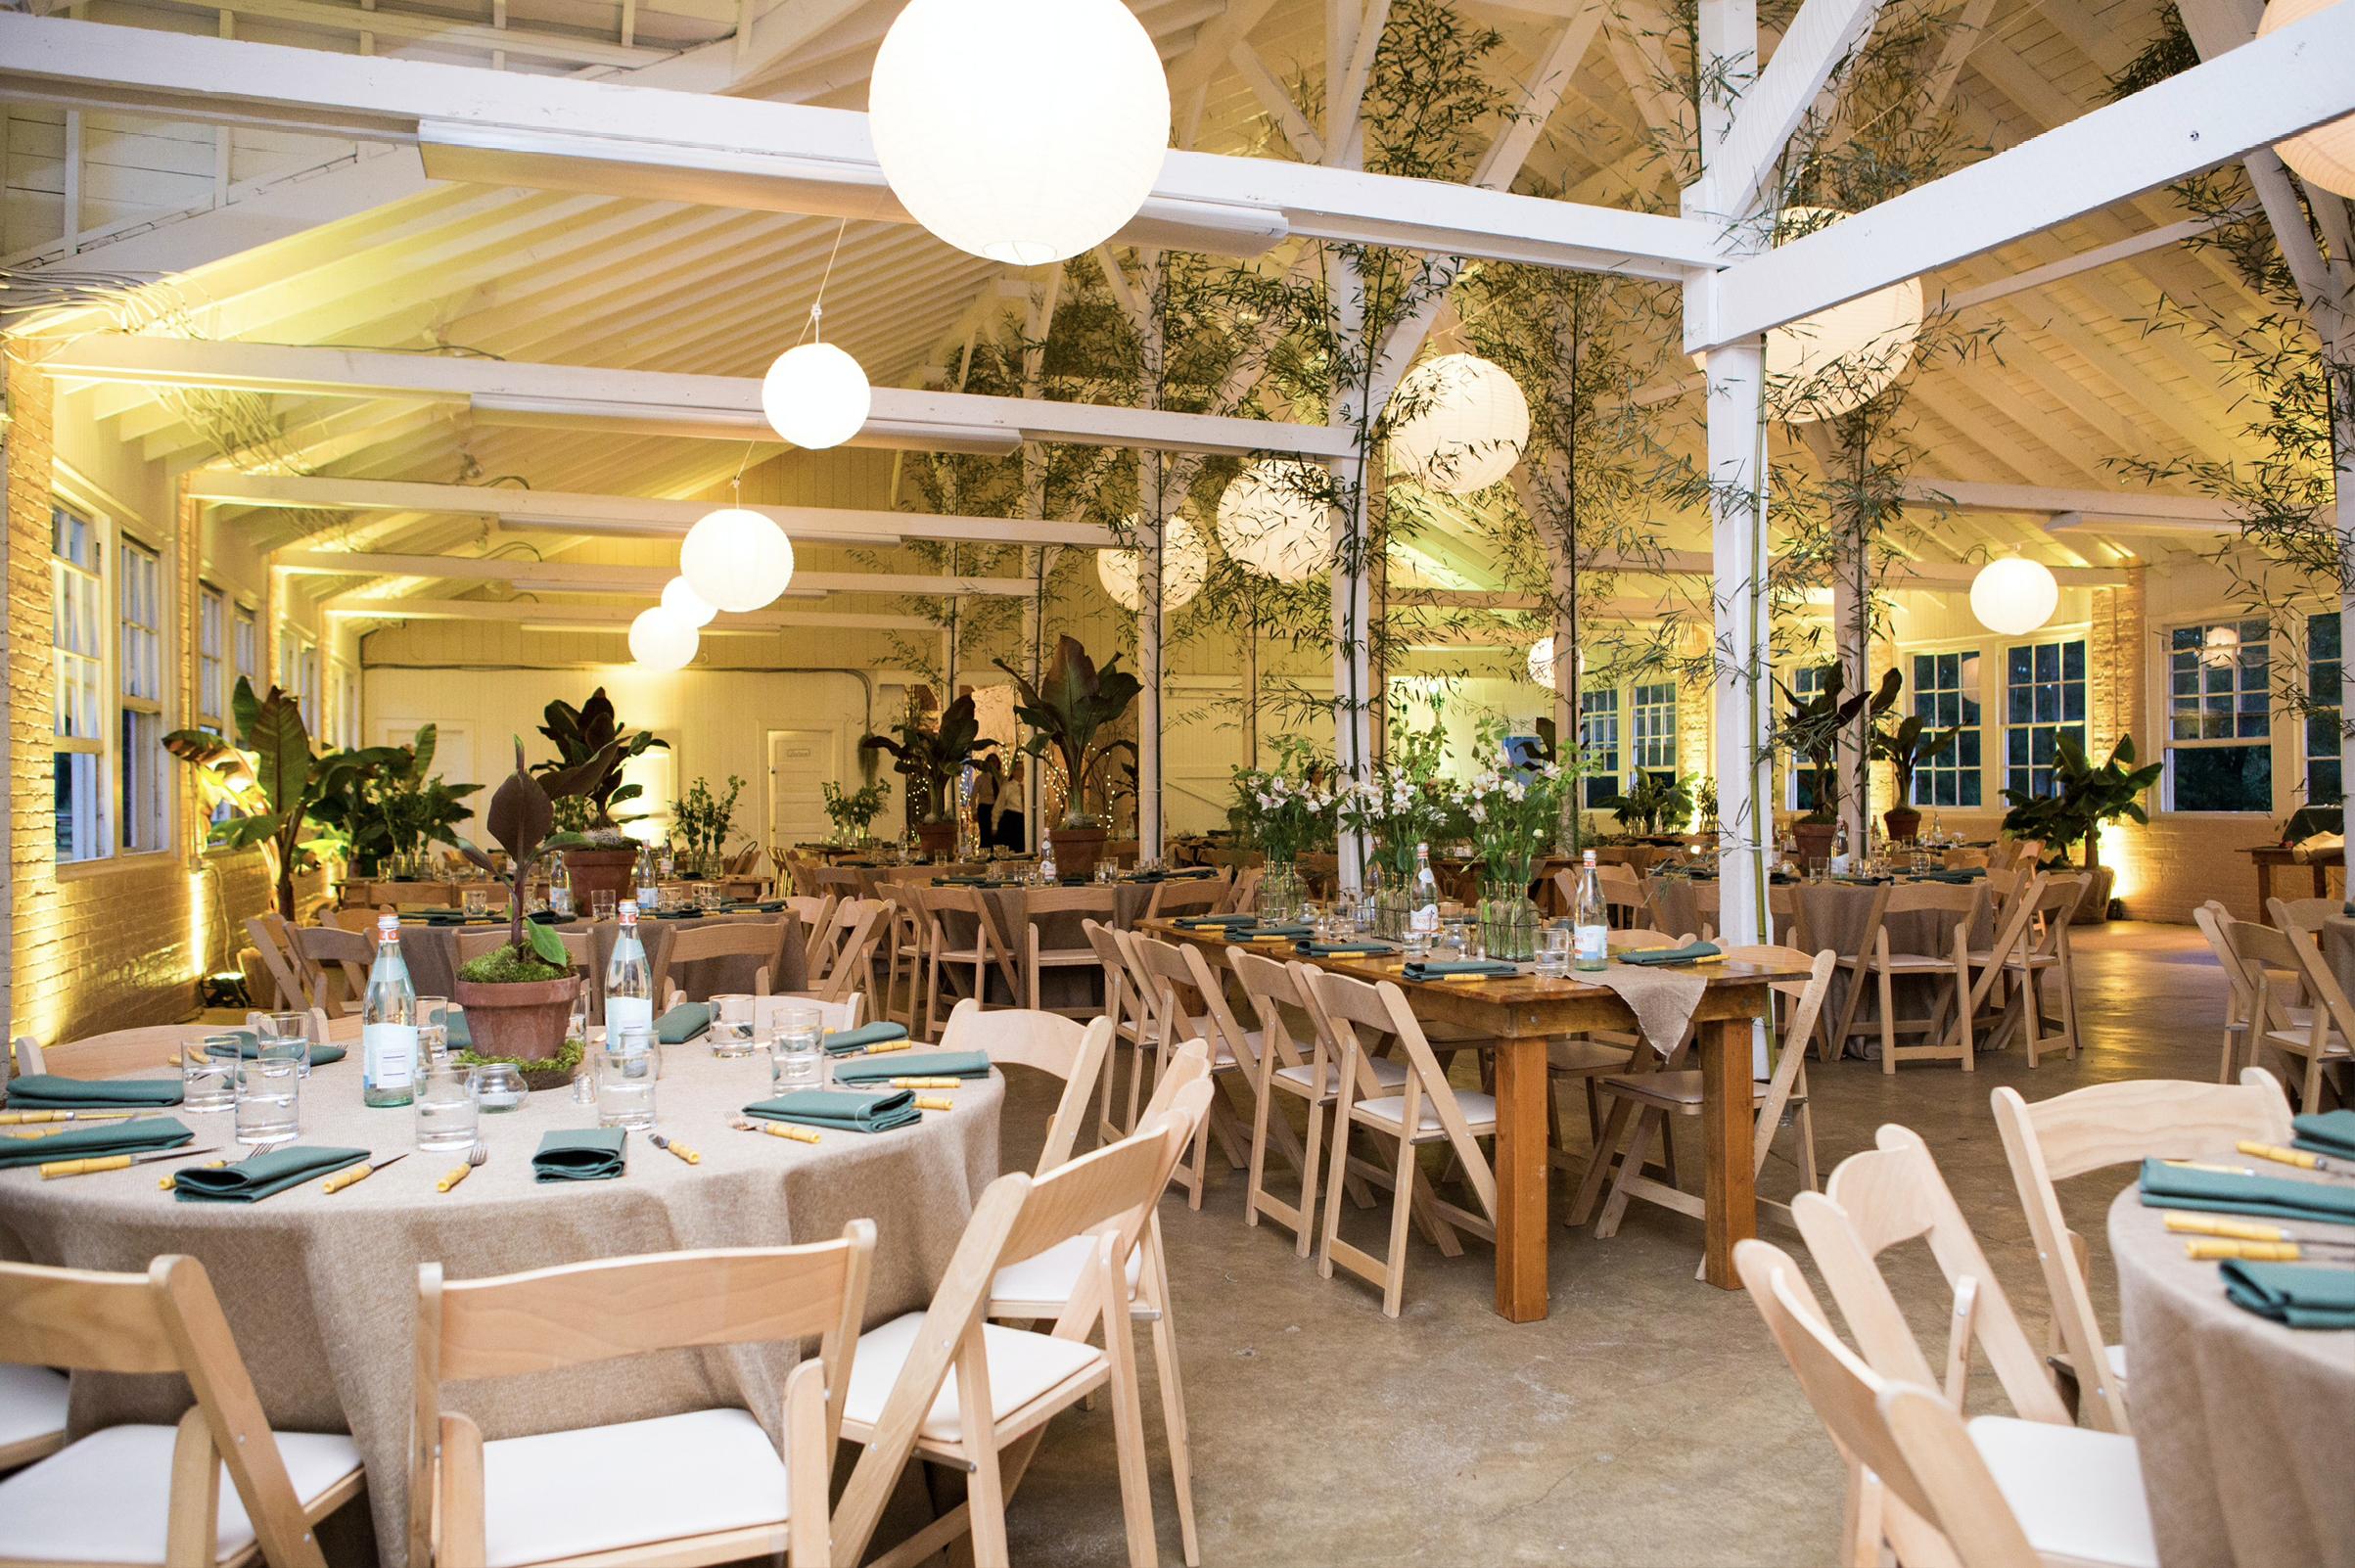 nj+event+decor+design+rustic+wedding+eggsotic+events+rentals.png